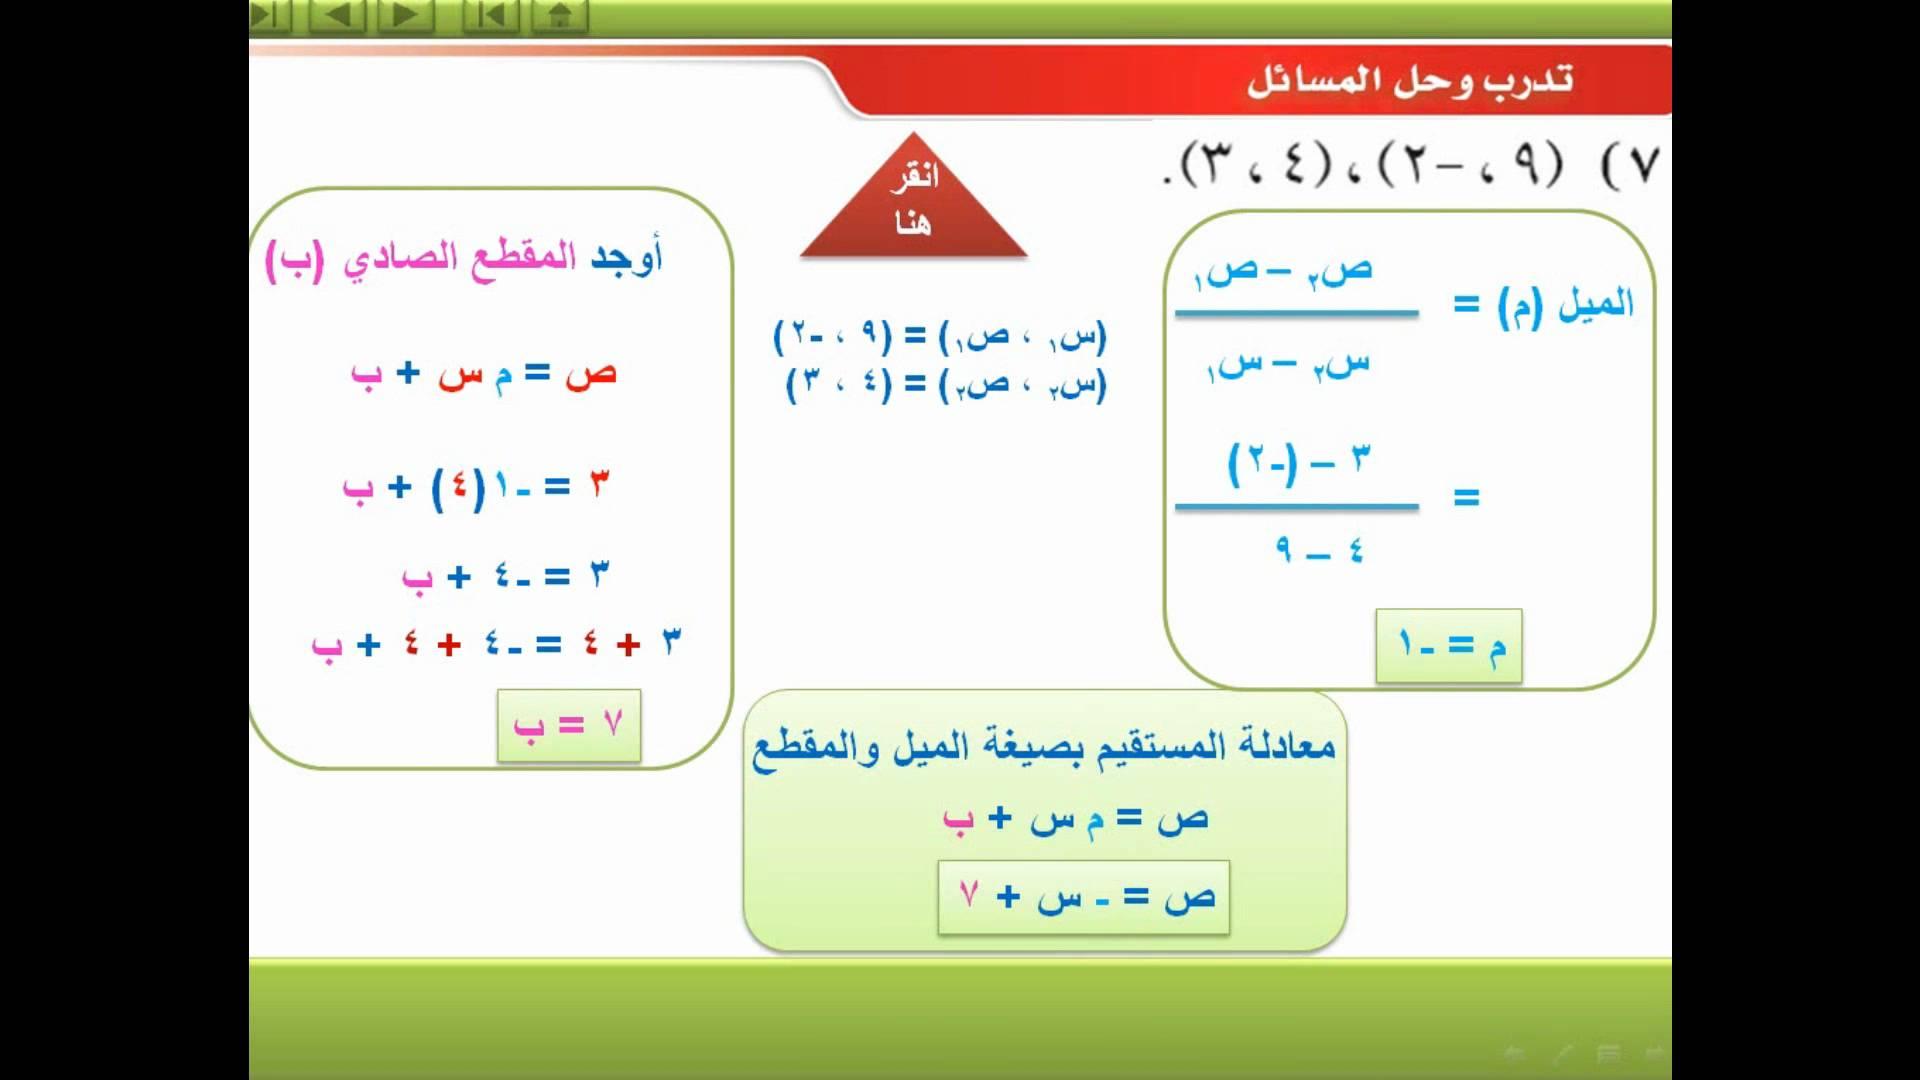 حل كتاب التفسير ثالث متوسط ف2 بدون تحميل